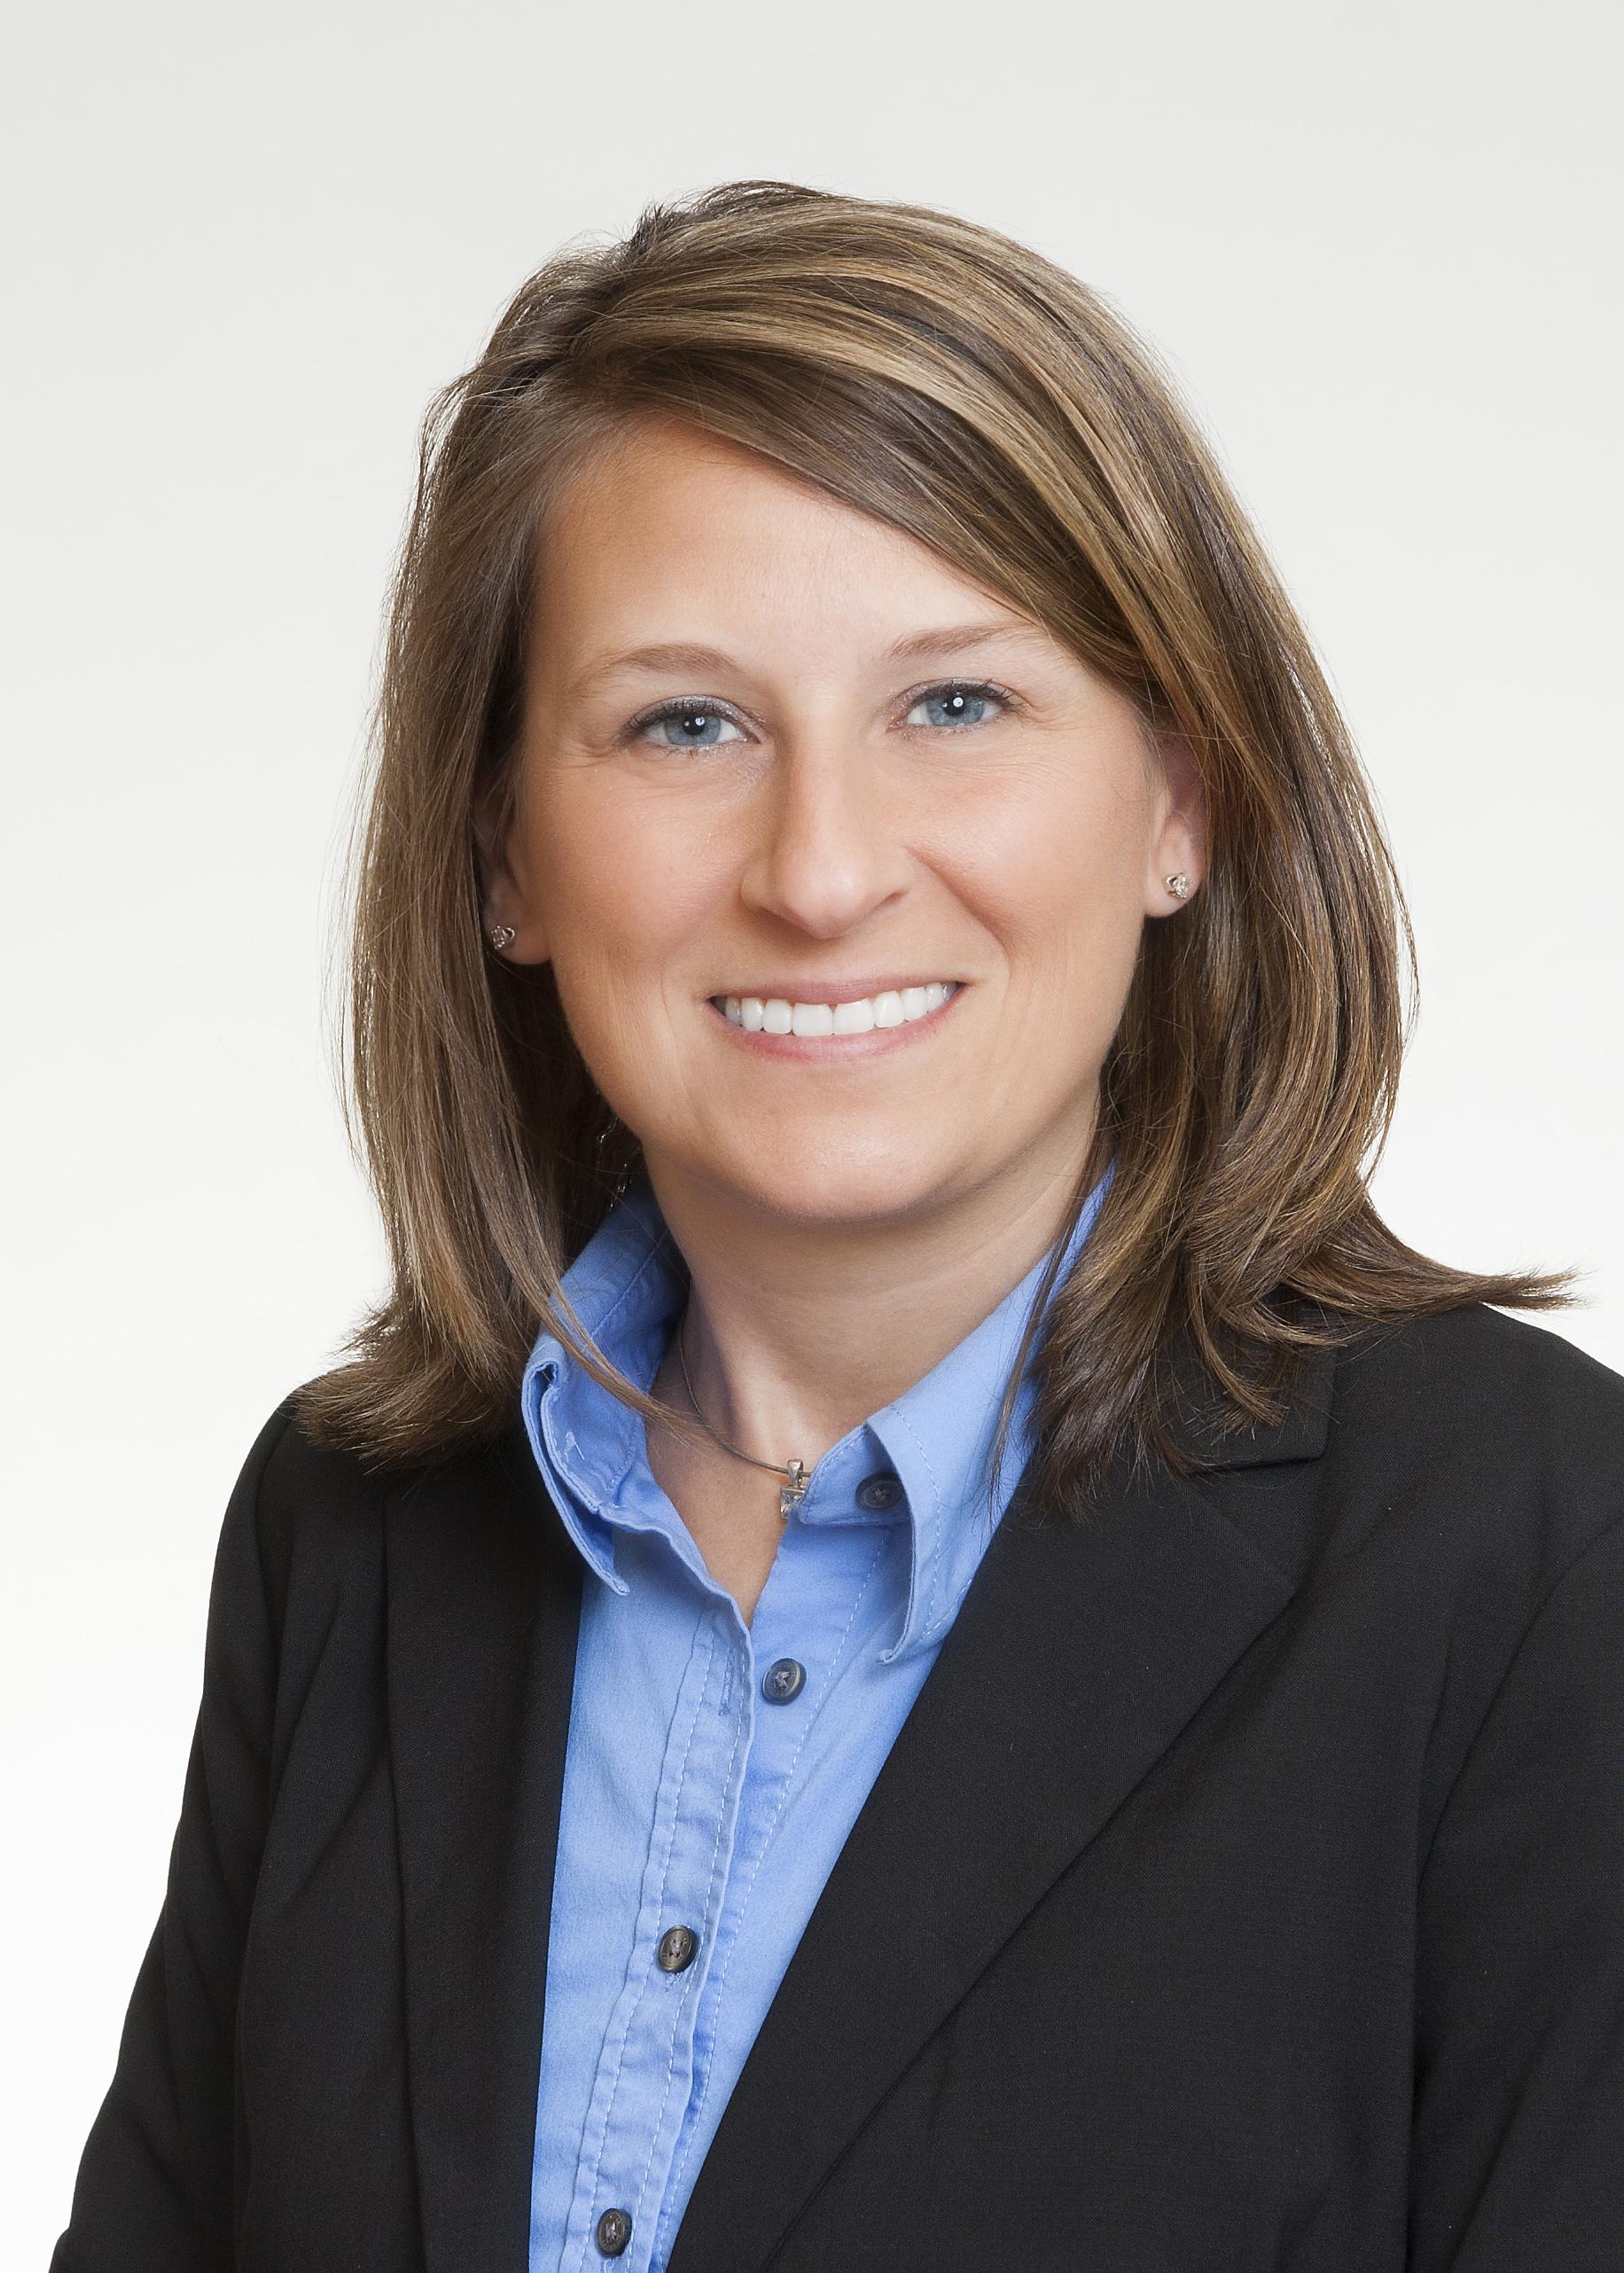 Elizabeth Lewis, CPA